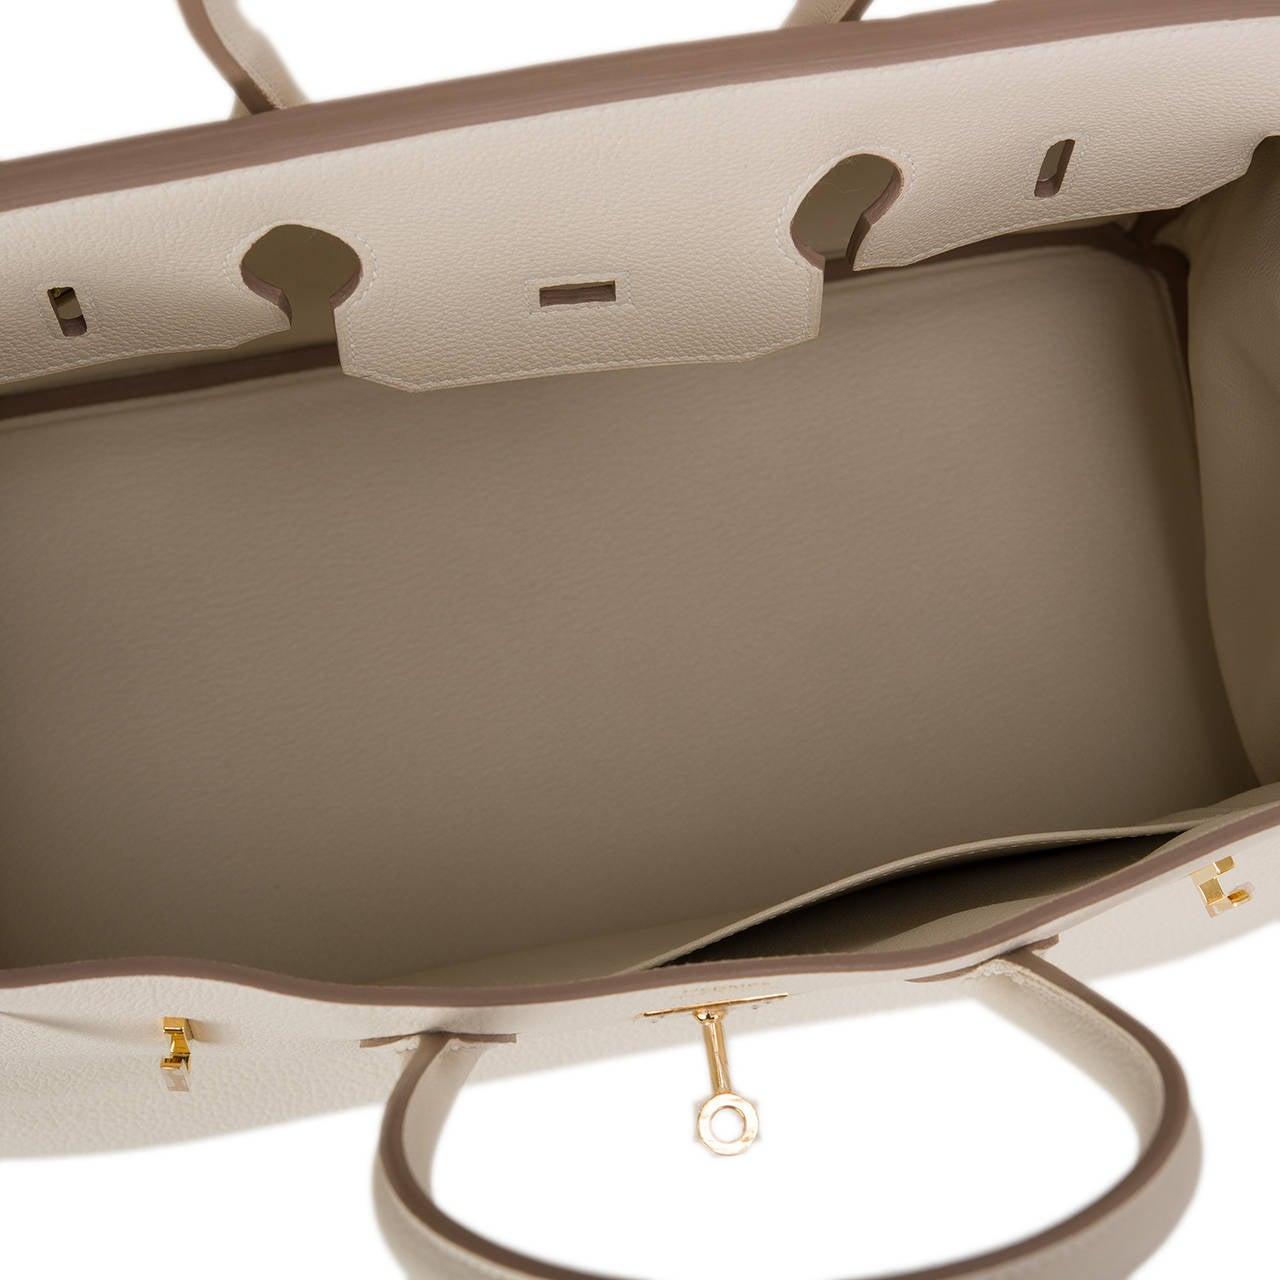 Hermes Craie Togo Birkin 35cm Gold Hardware For Sale 2